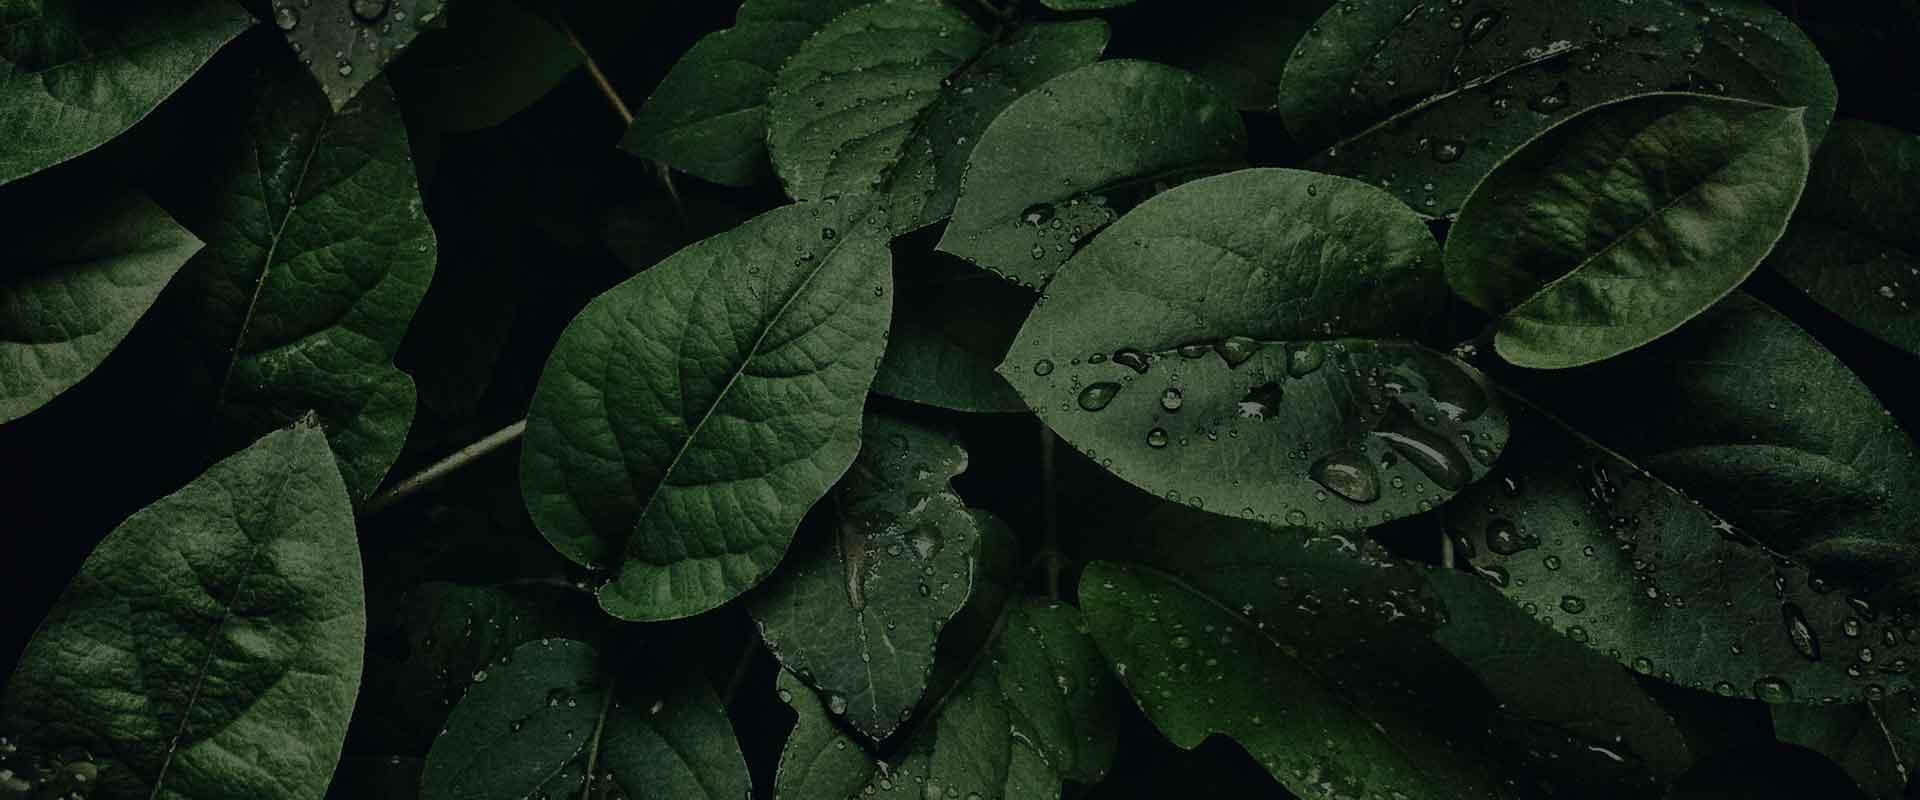 hero-rain-on-leaves